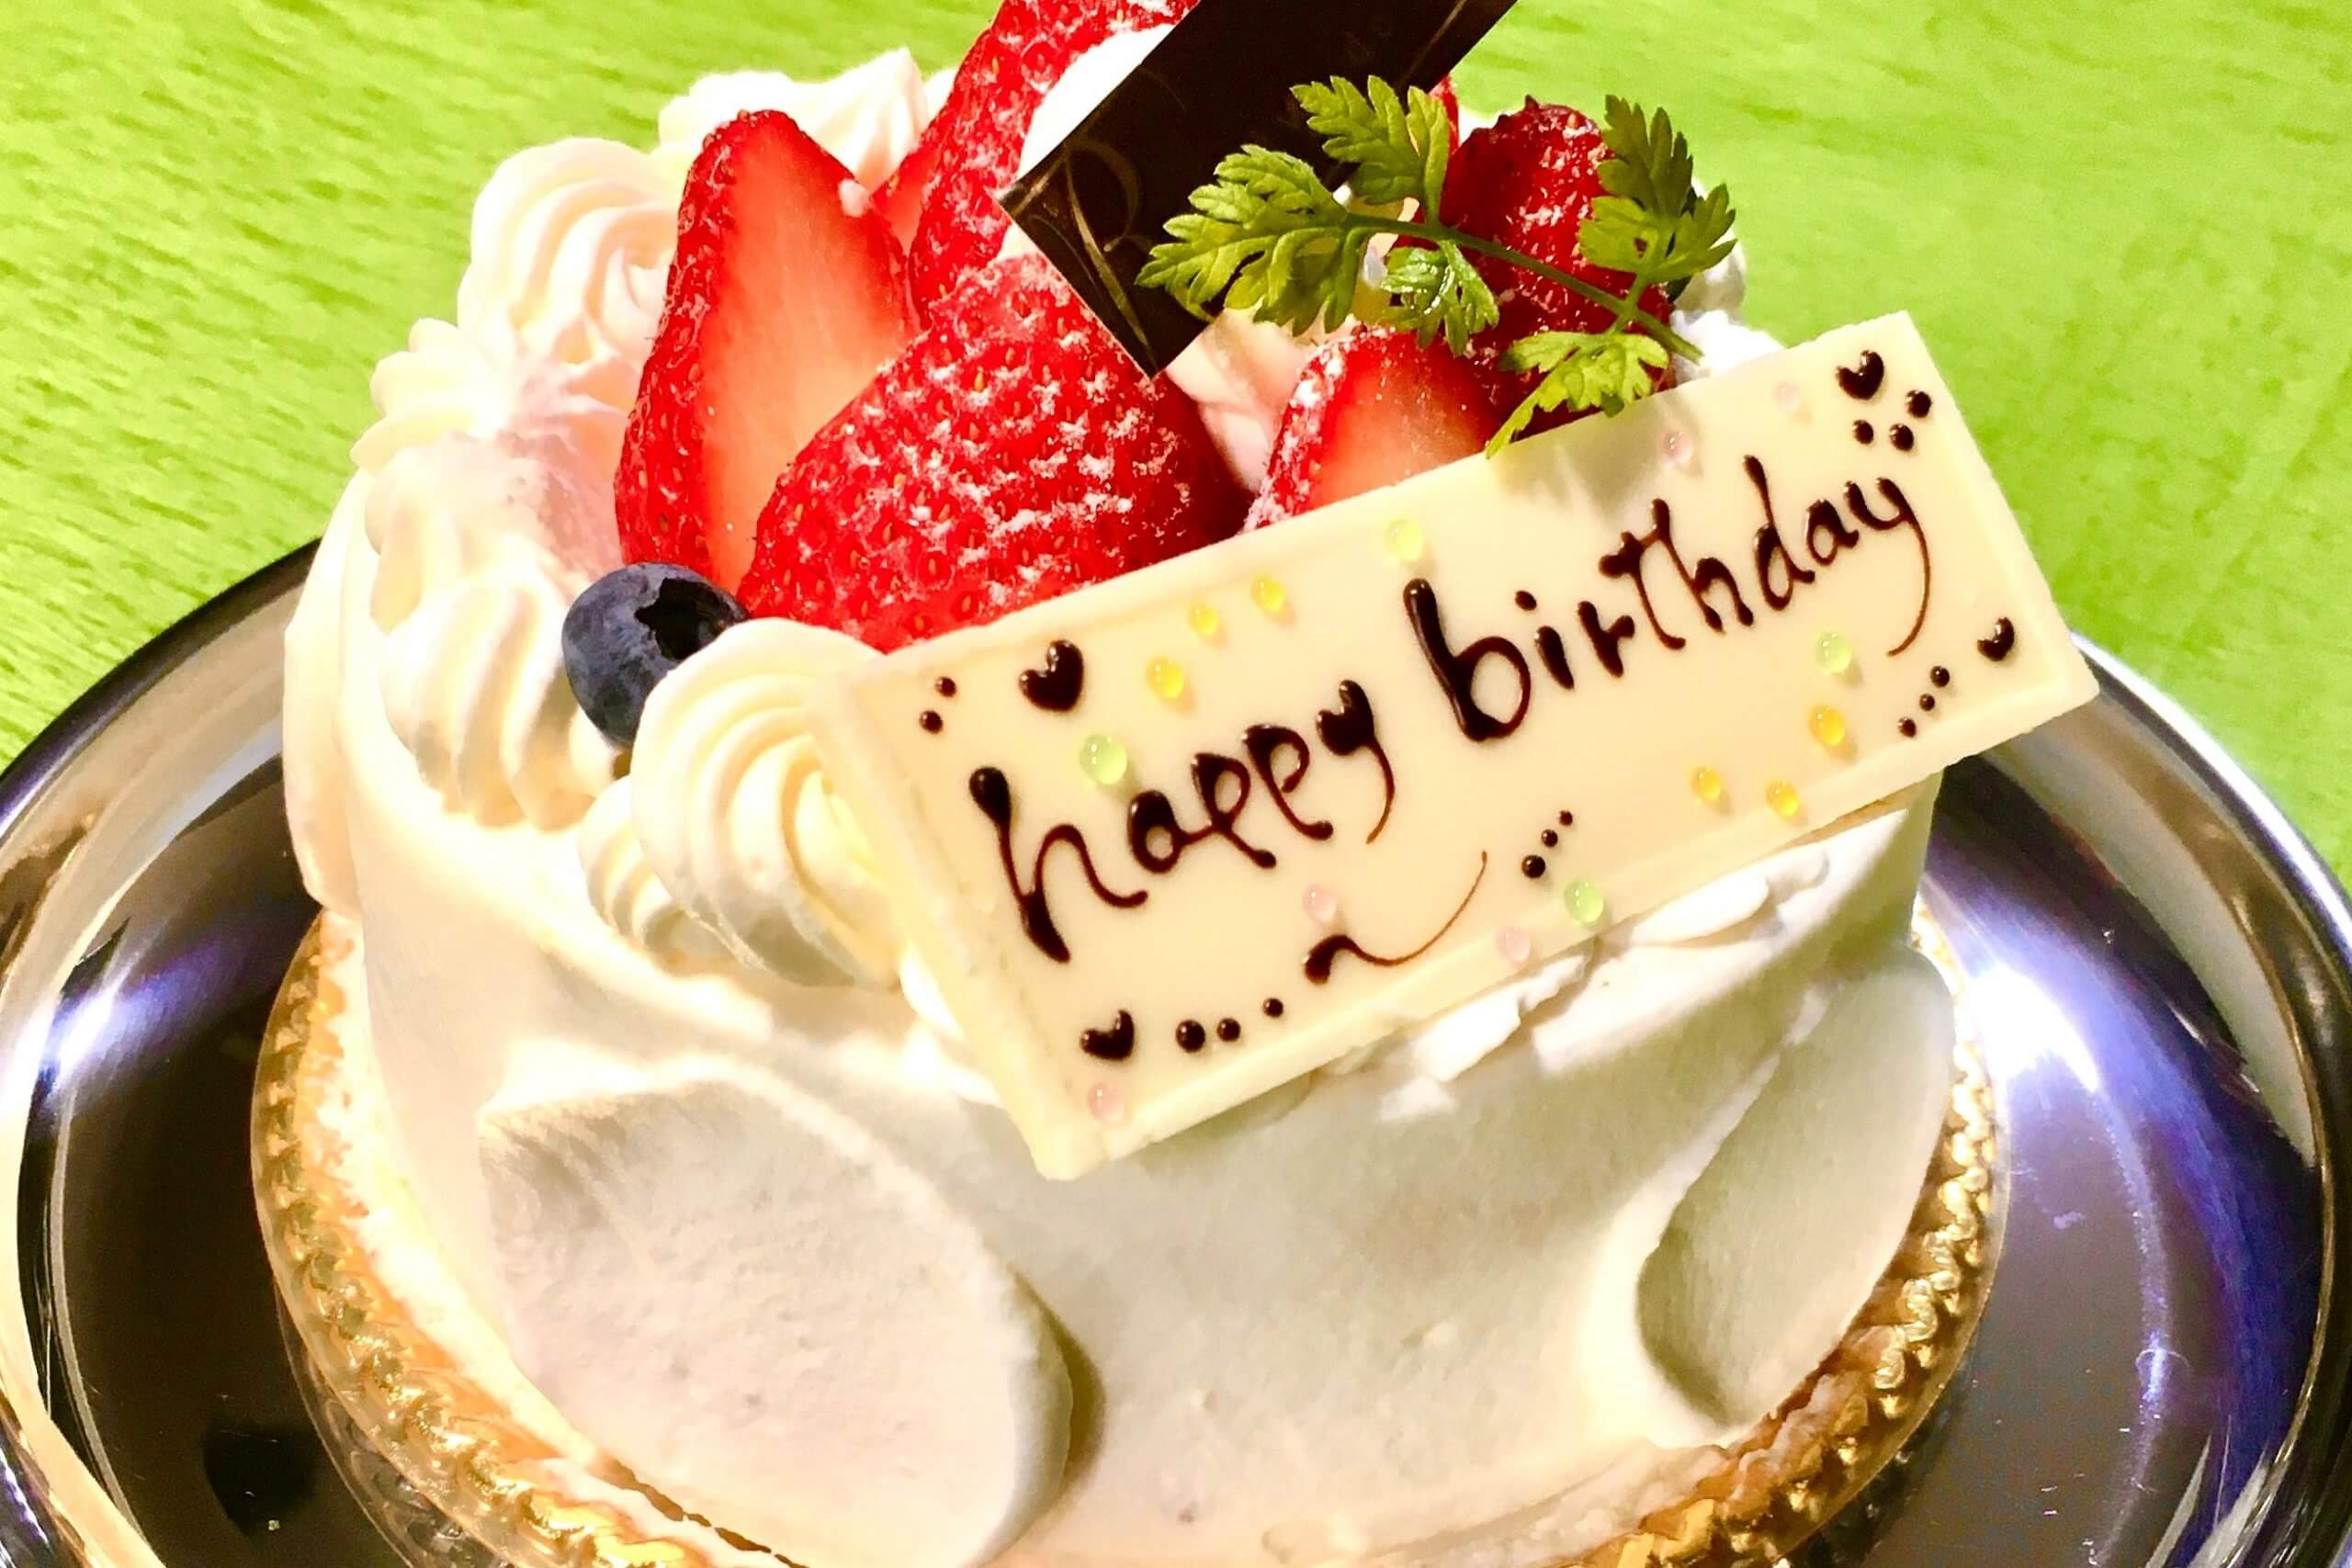 温泉旅館でお祝い◆ケーキ&有馬サイダーで乾杯!カップル・ご家族で過ごすお誕生日プラン